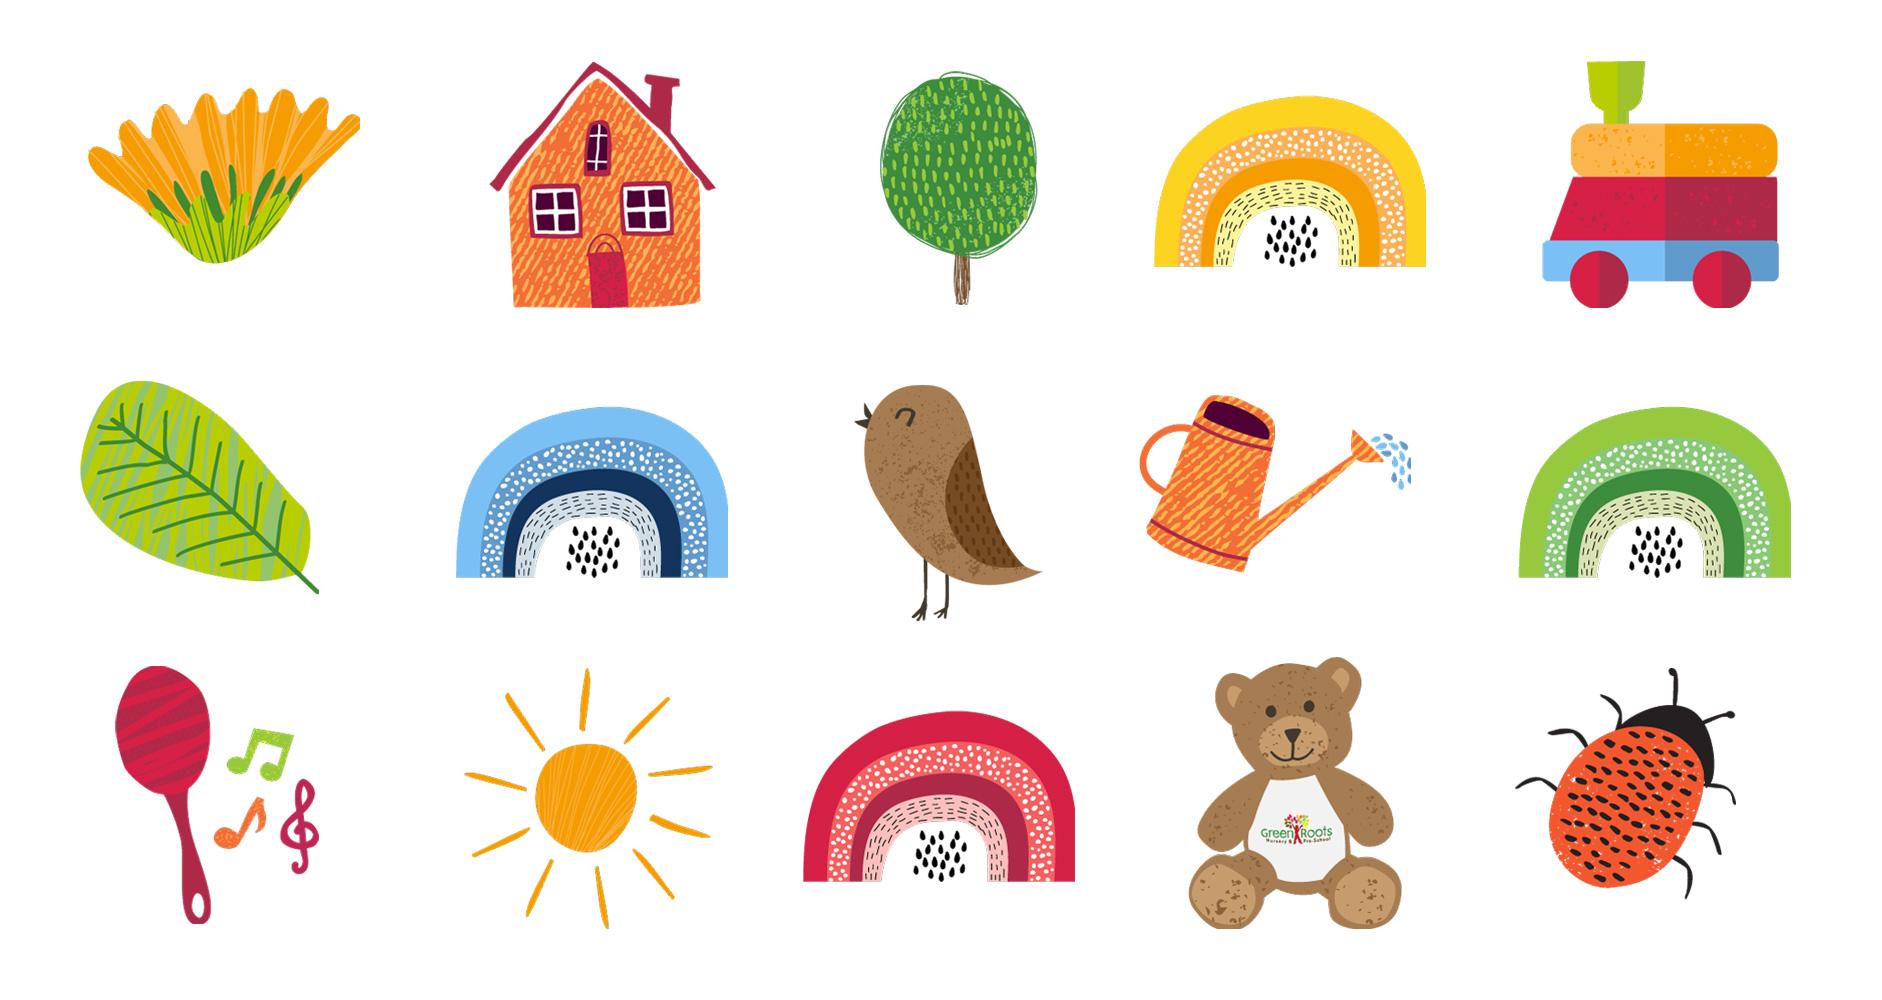 Bespoke illustrative icons